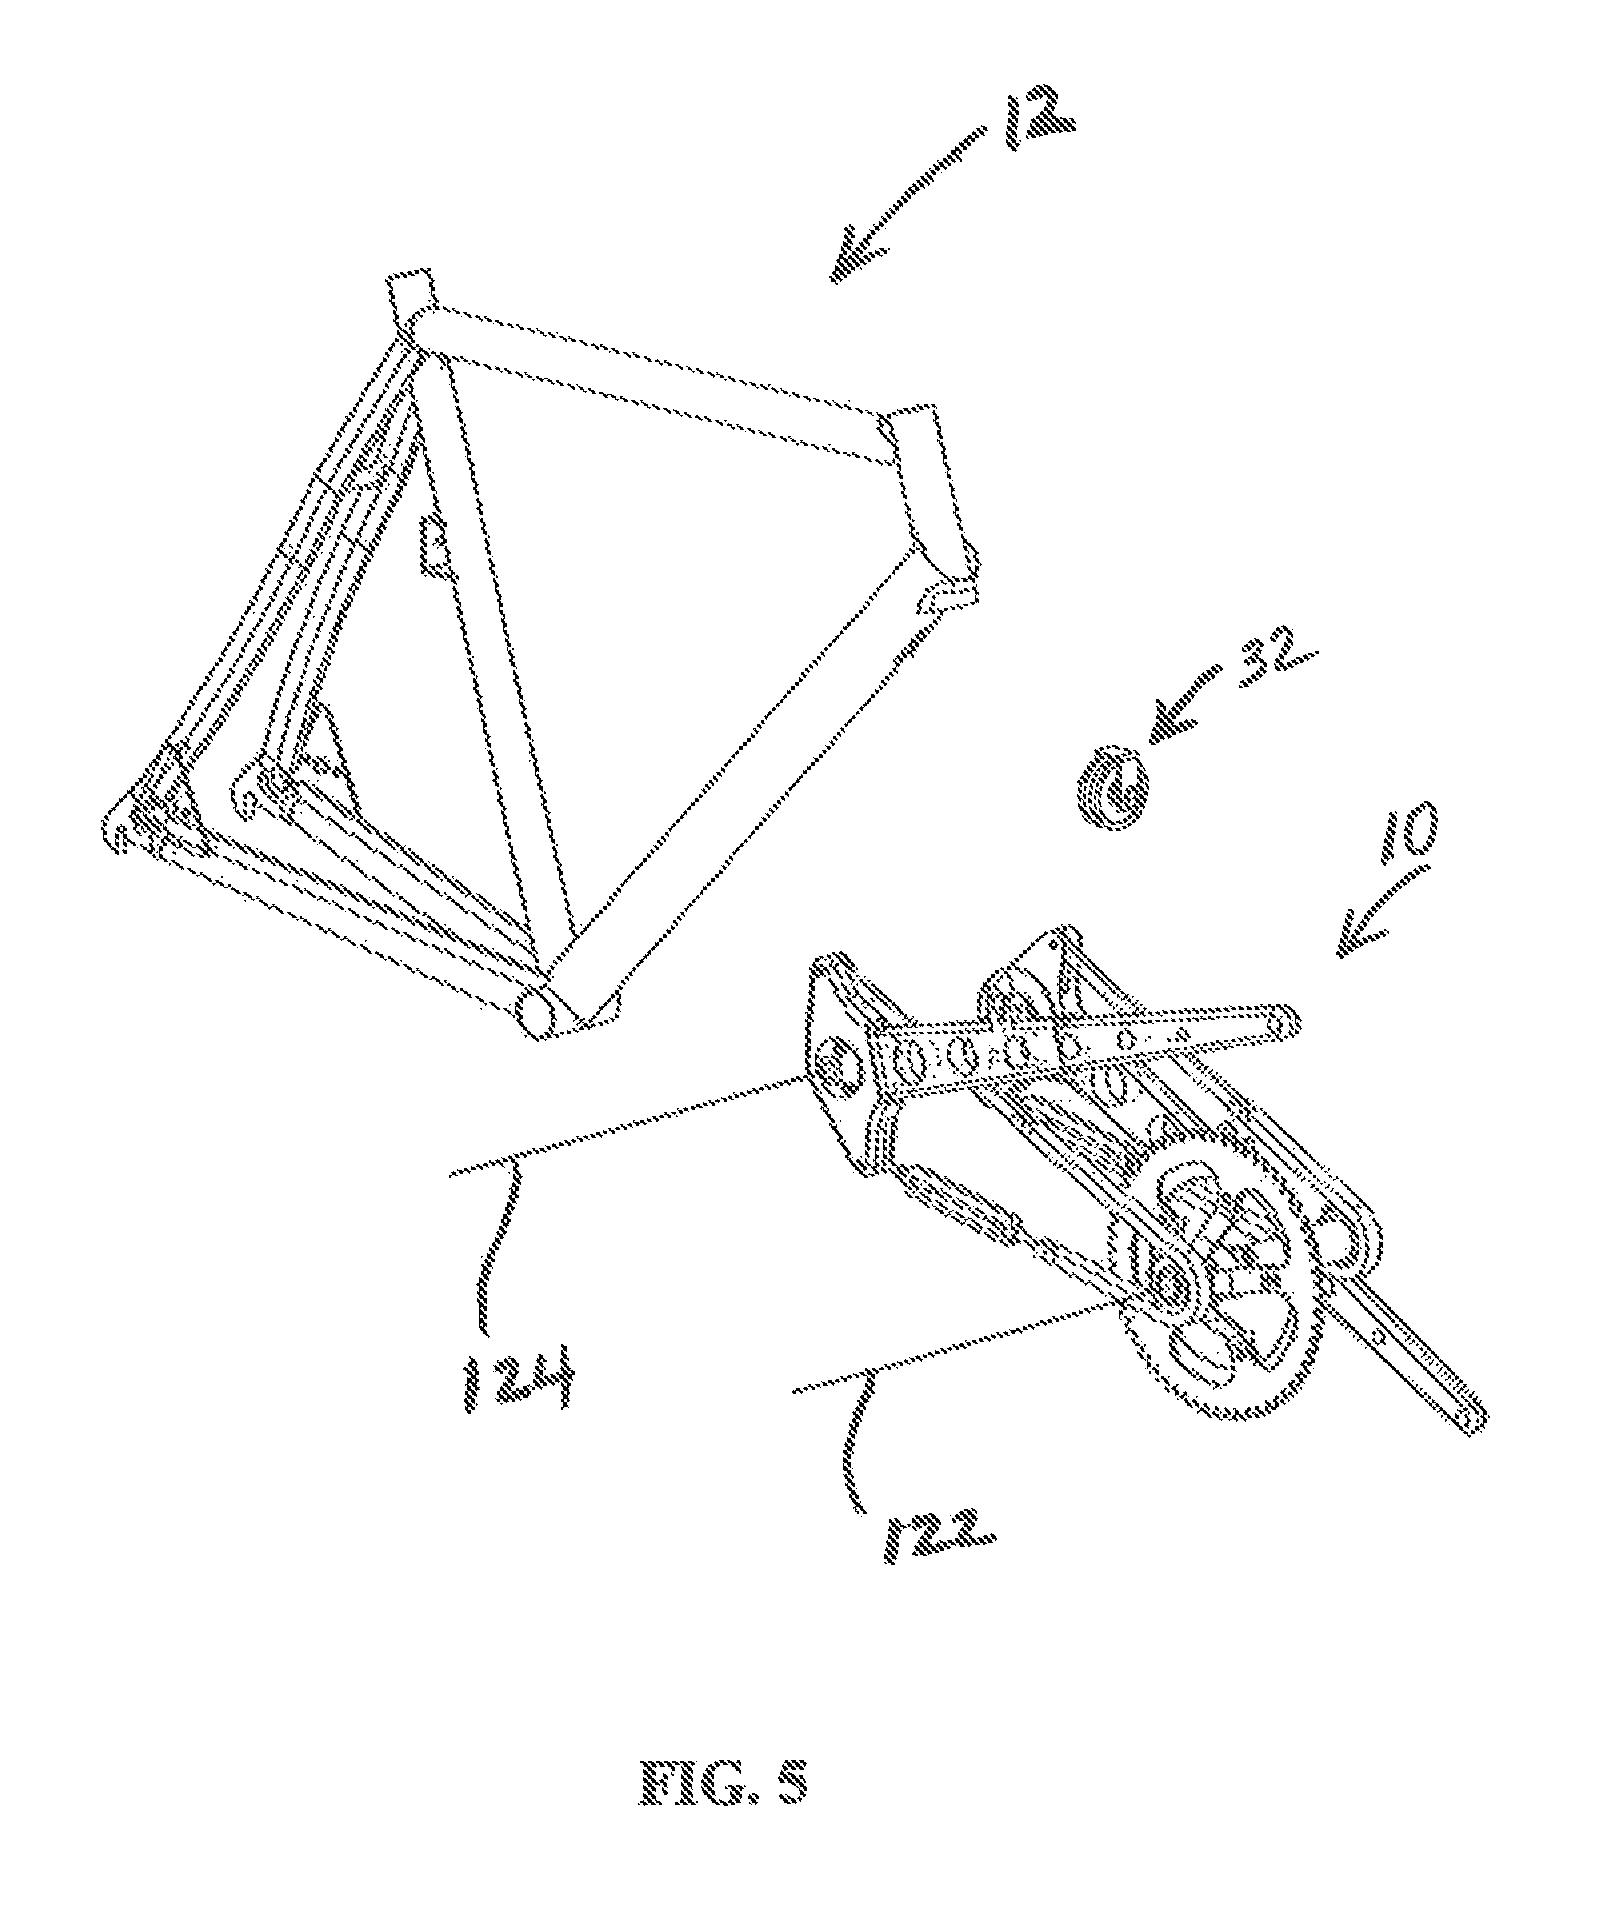 Rv Custom Products P N Fw221 Wiring Diagram : 43 Wiring